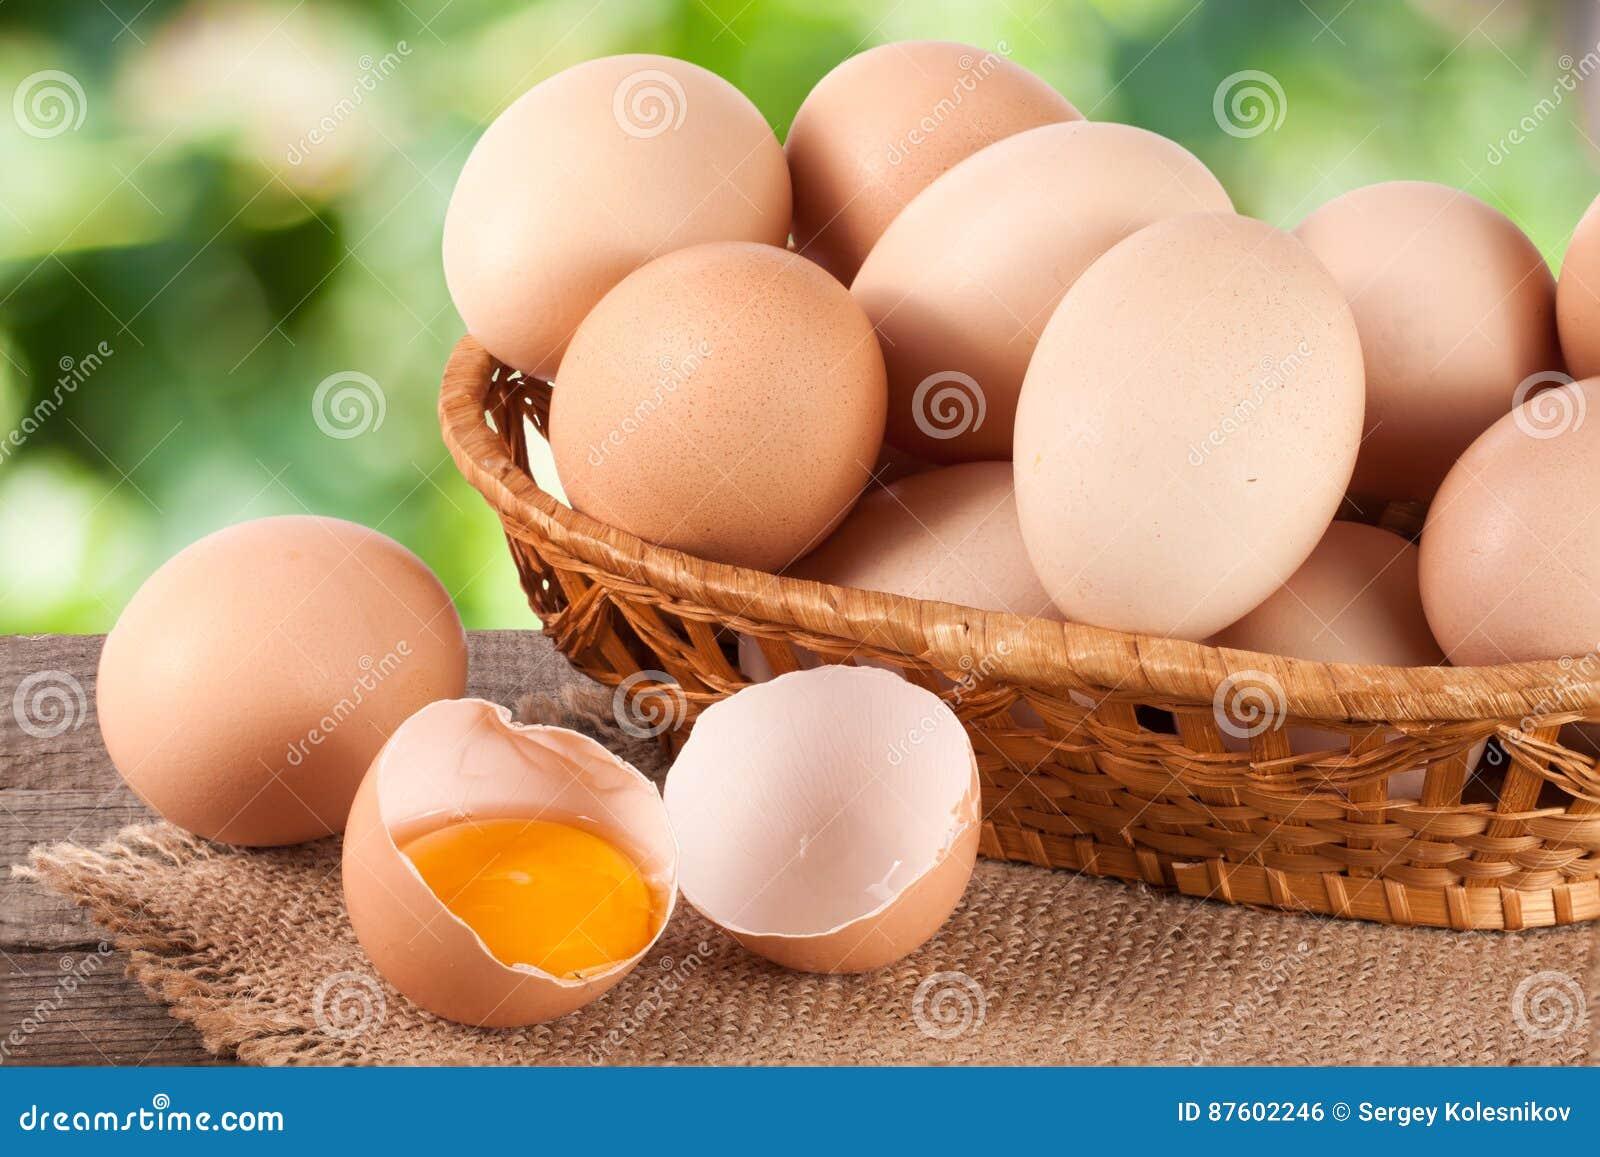 Ovos em uma cesta de vime em uma placa de madeira com fundo borrado do jardim